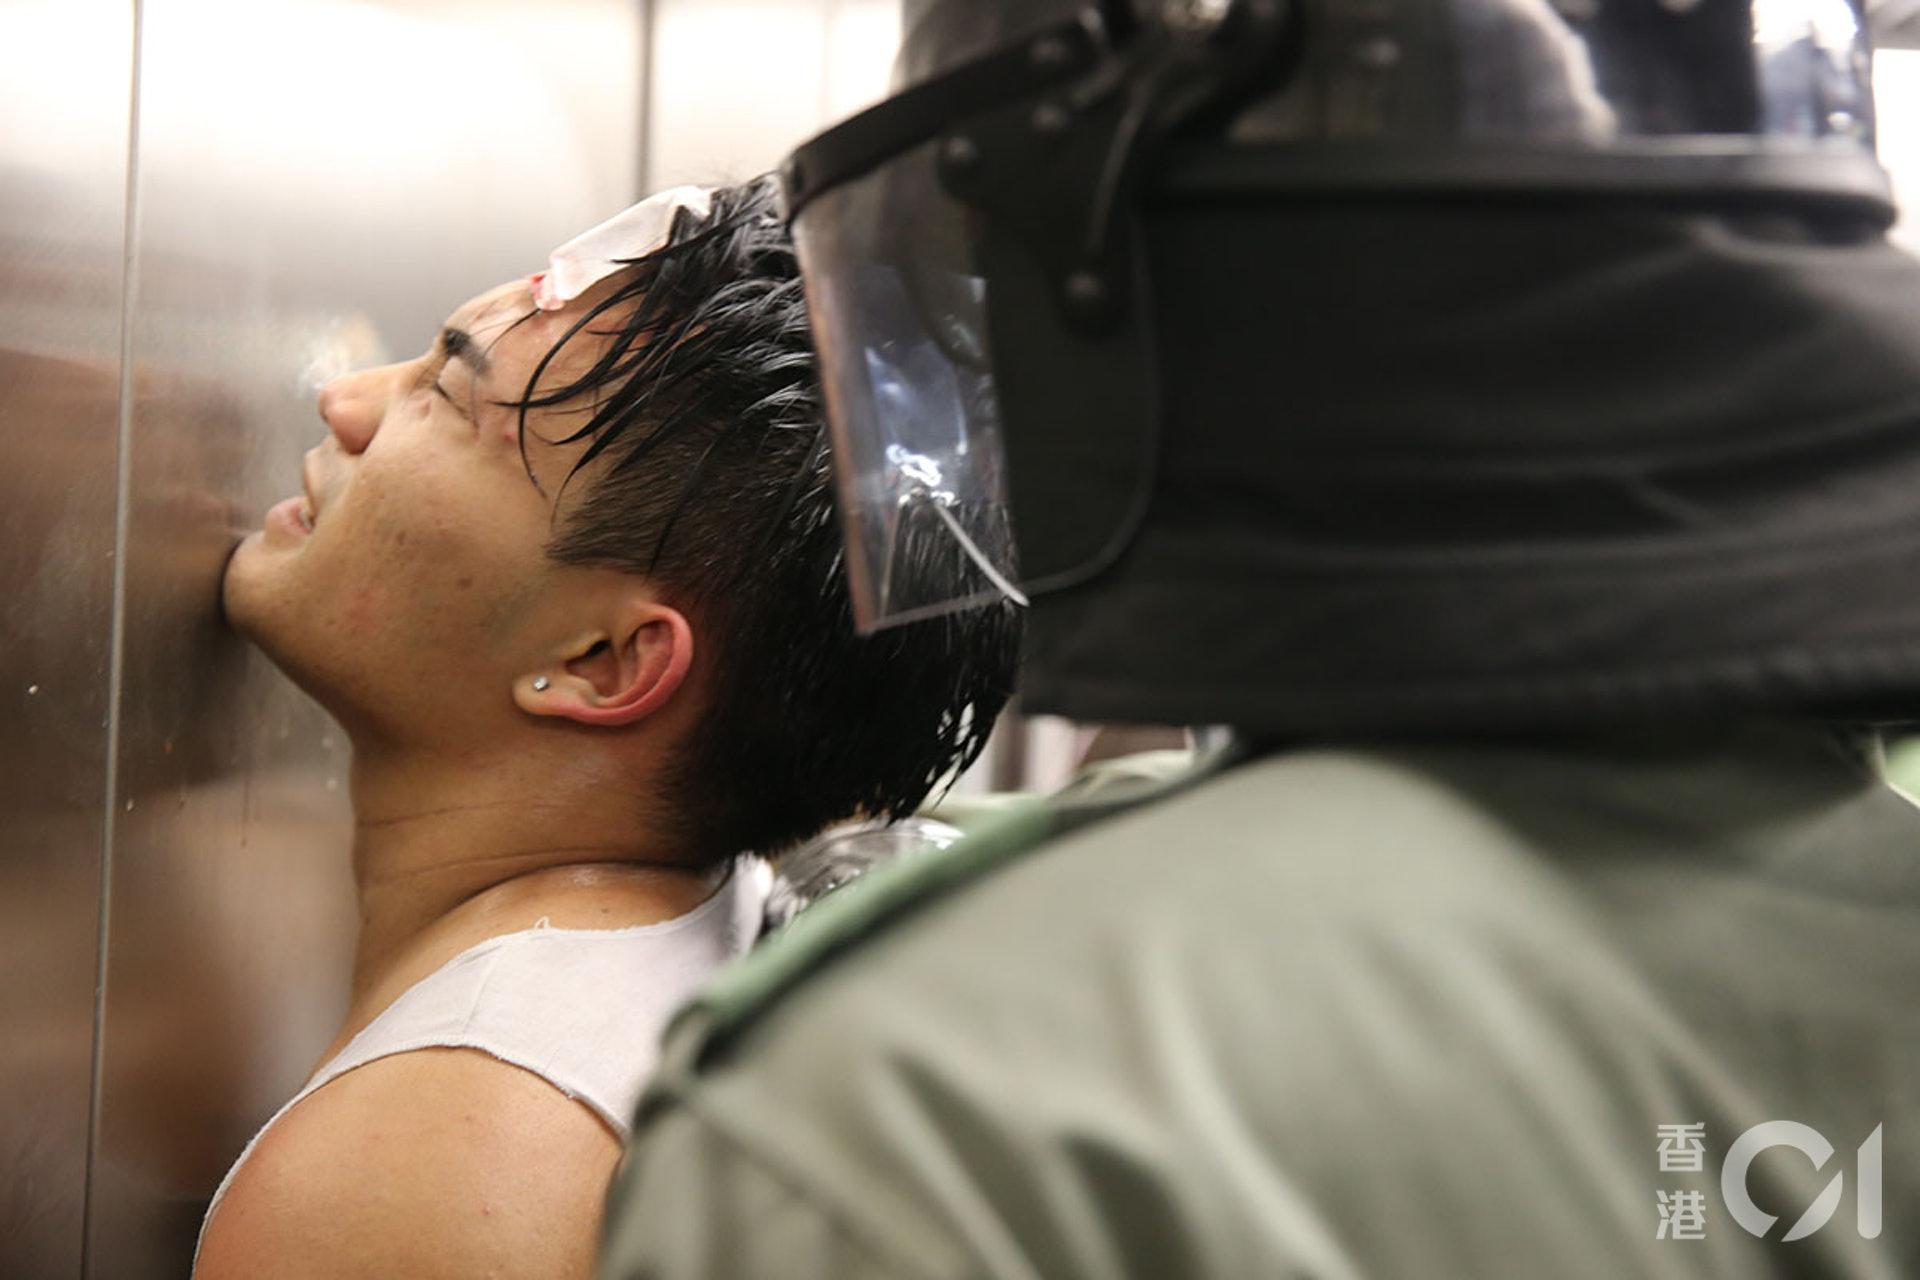 831遊行示威衝突,晚上11點,警方在太子站列車和月台內,拘捕示威者,期間在車廂內施放胡椒噴霧、揮動警棍,有人流血受傷。警方事後在油麻地站拘捕部份人。(蔡正邦攝)